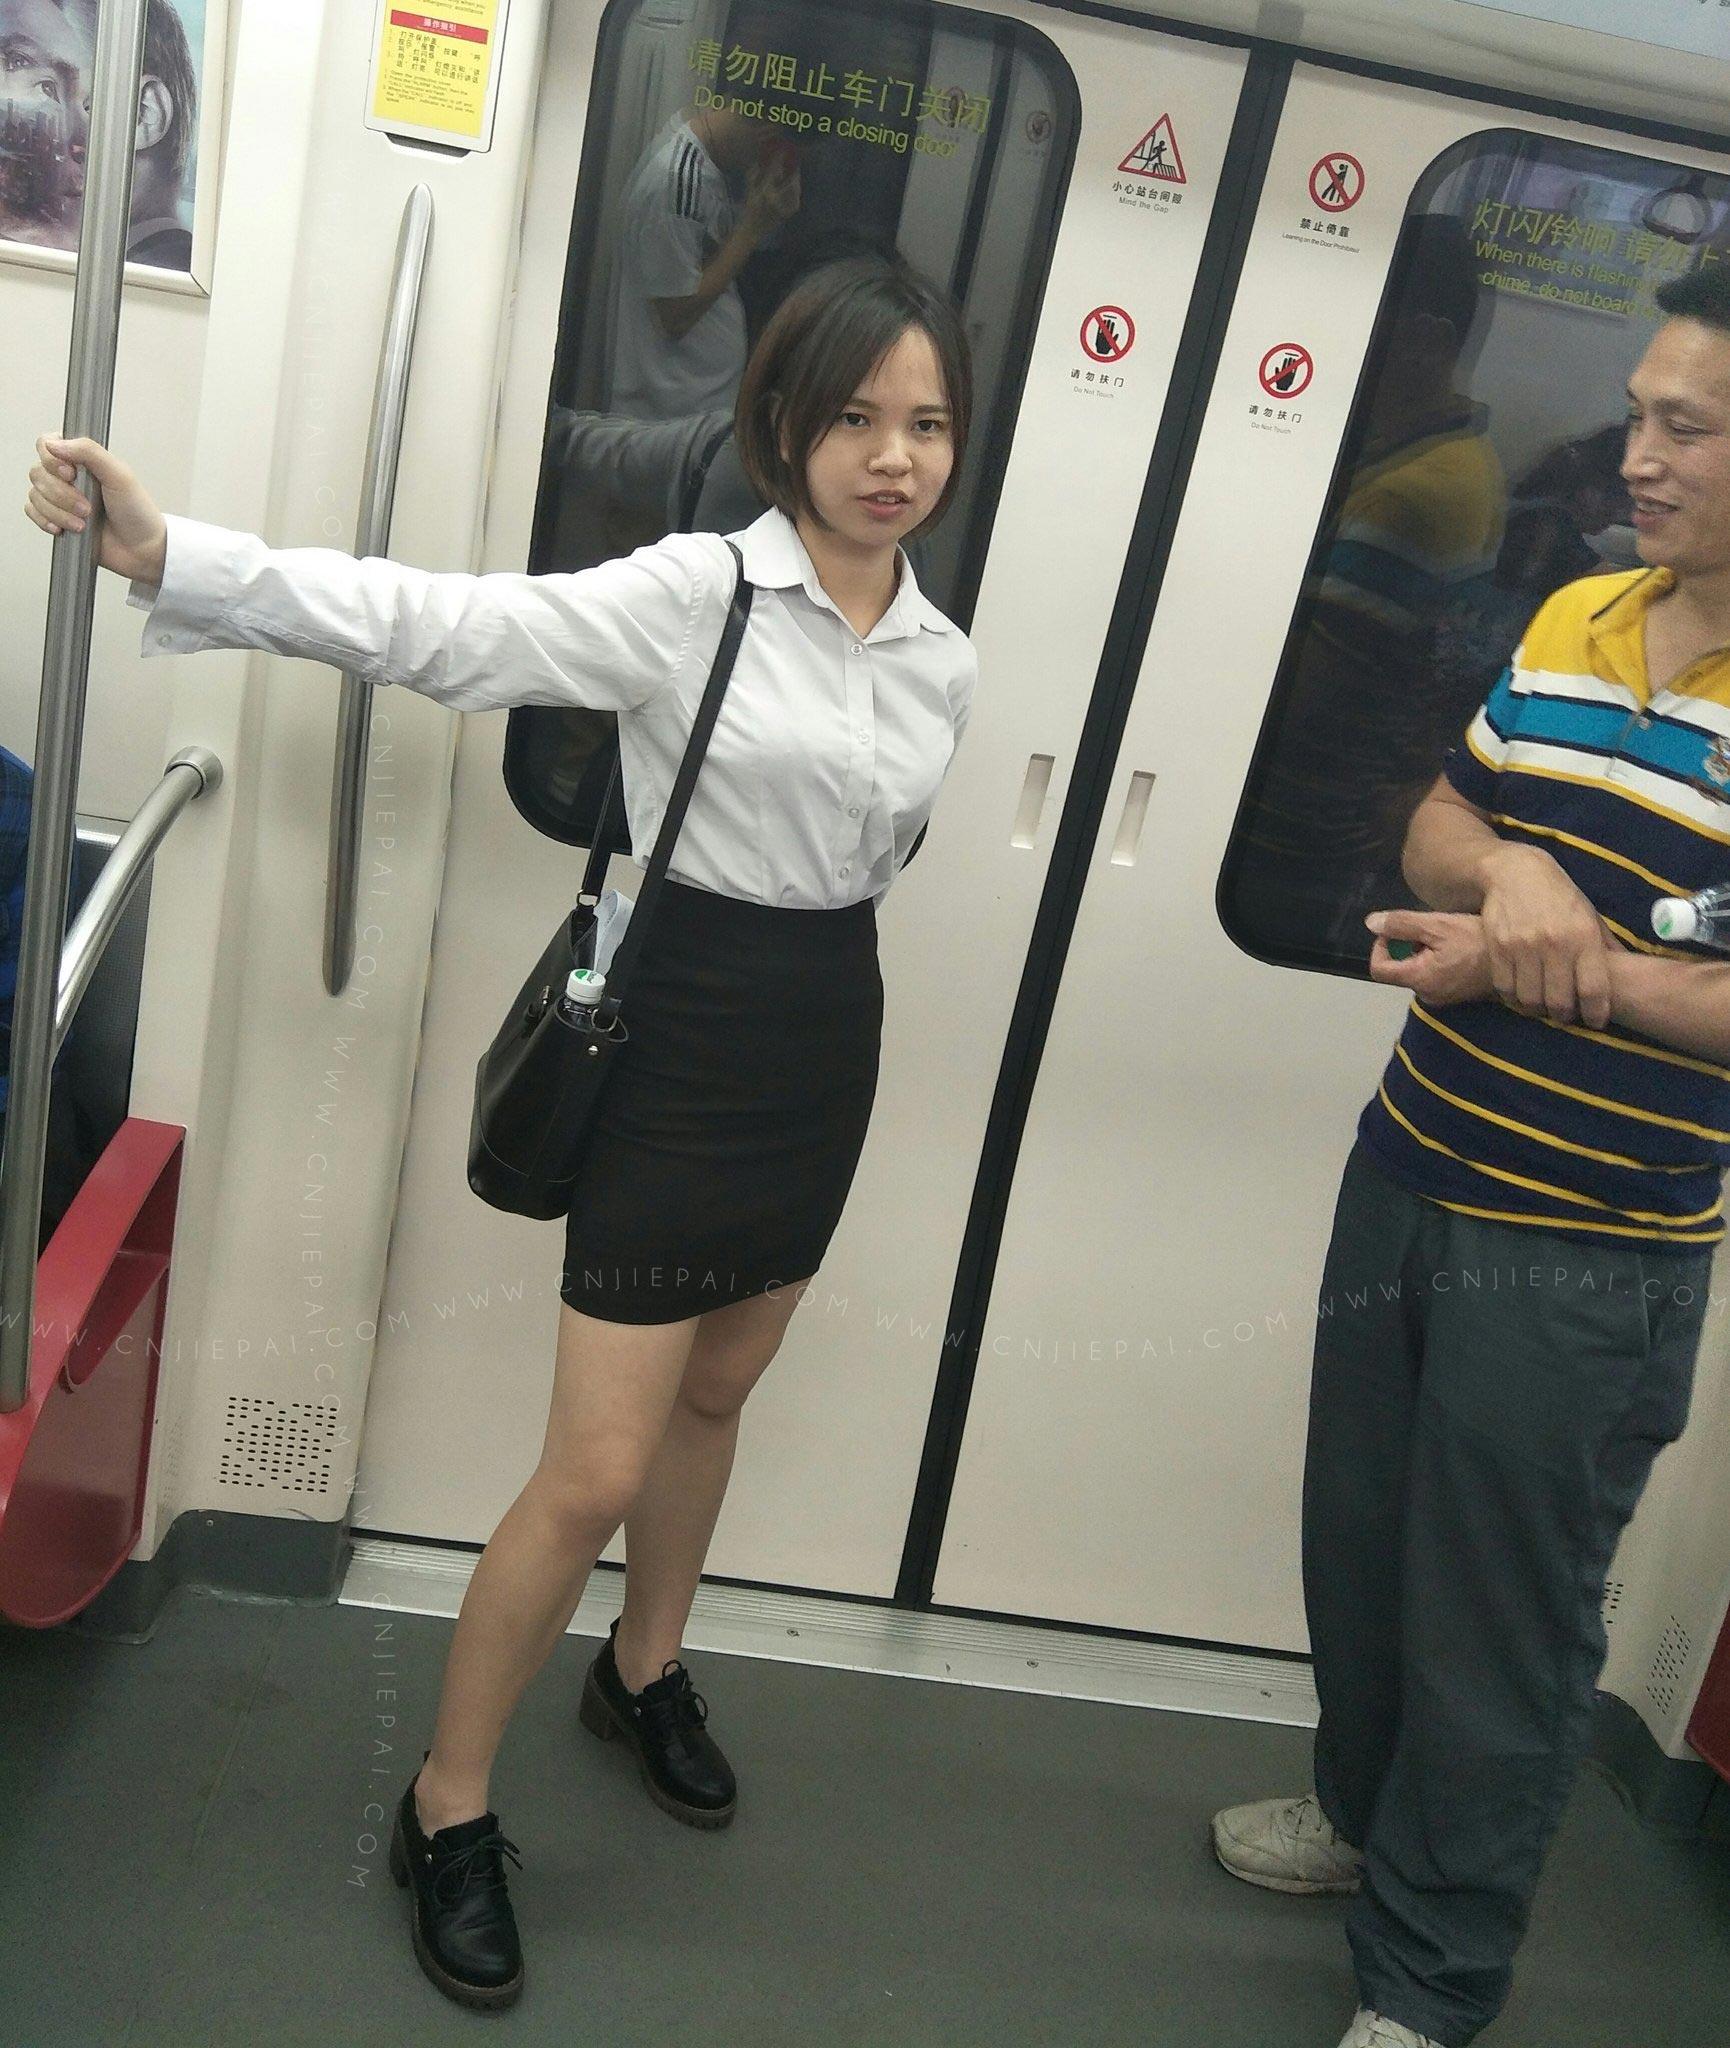 地铁上站在对面的制服短裙妹 图1